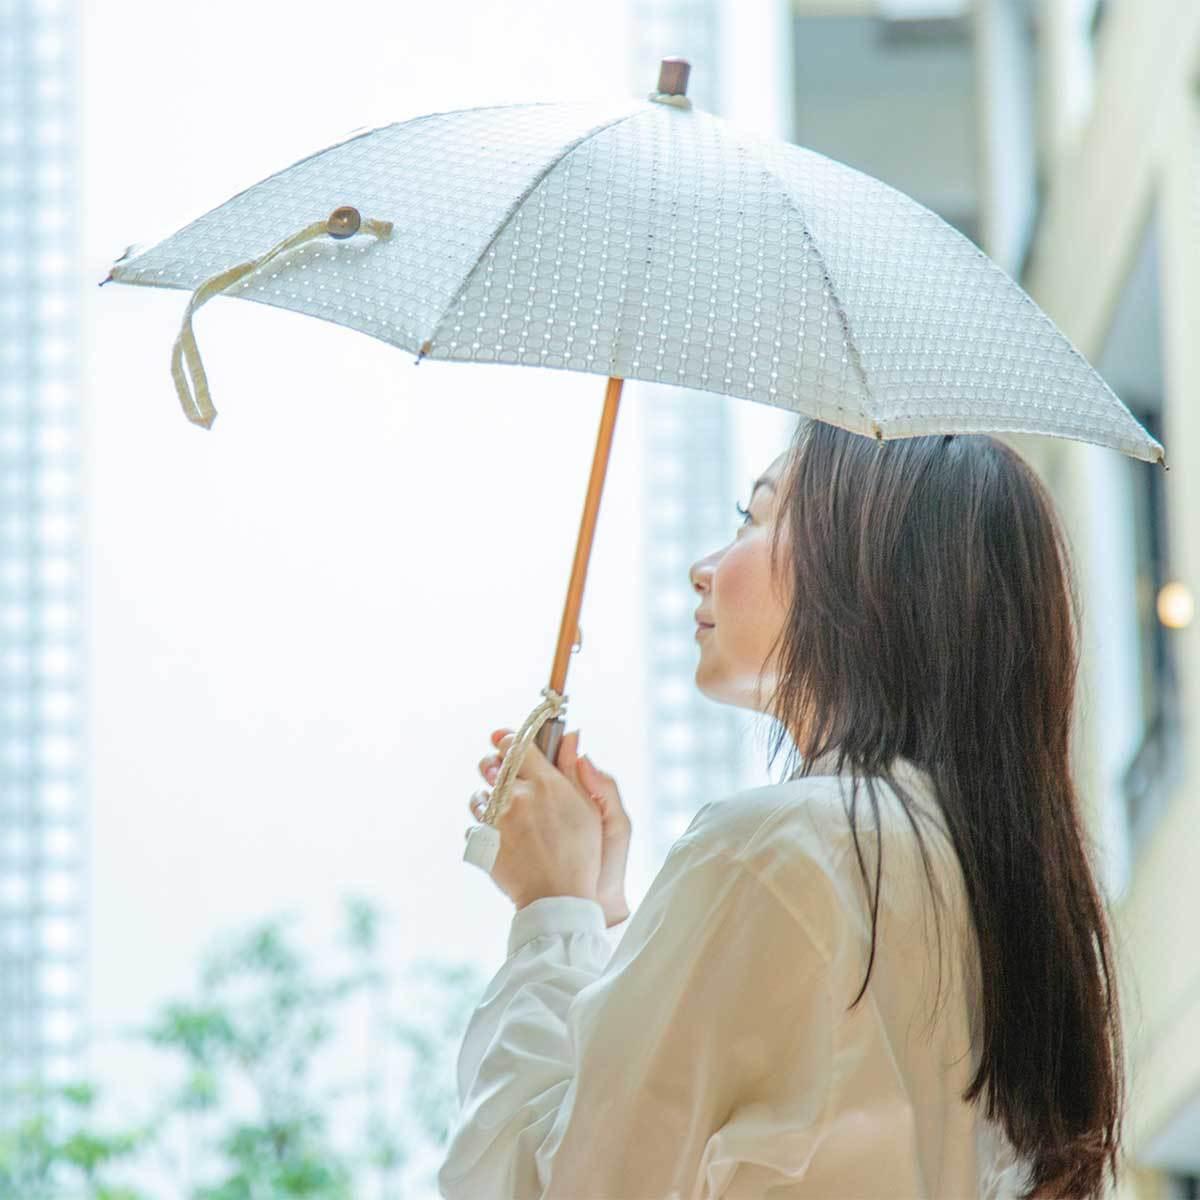 涼やかな折りたたみの日傘で日差し対策を愉しむ。意外と知らない!?十分な紫外線対策方法と使えるグッズ8選